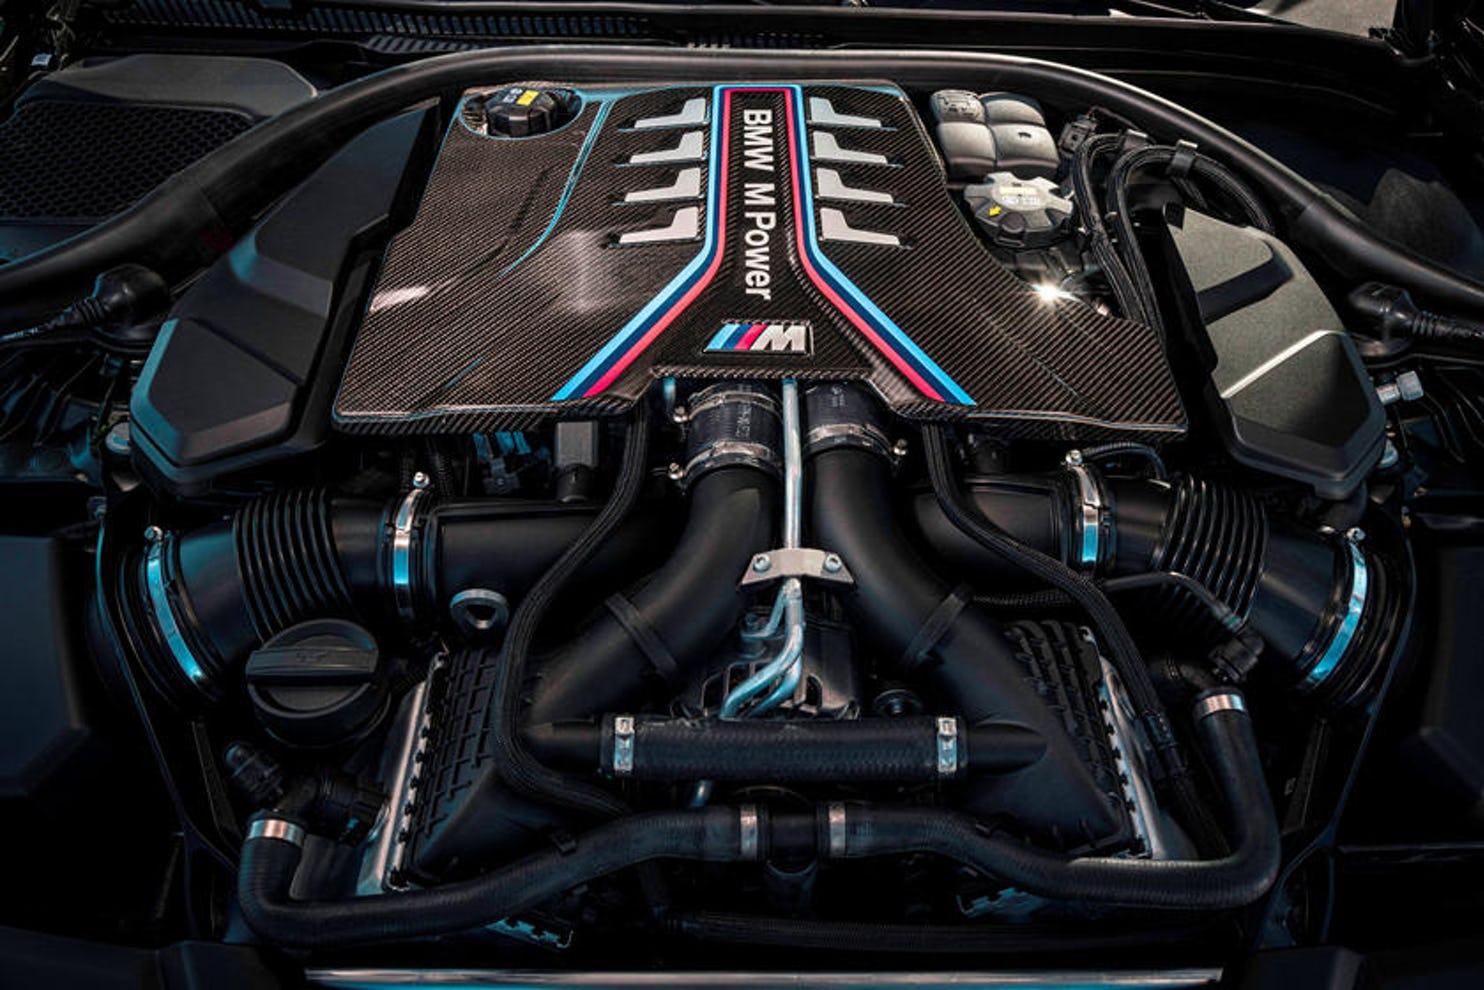 Noget kunne godt tyde på, at den næste M5'er endnu engang bliver den hurtigste - nogensinde!